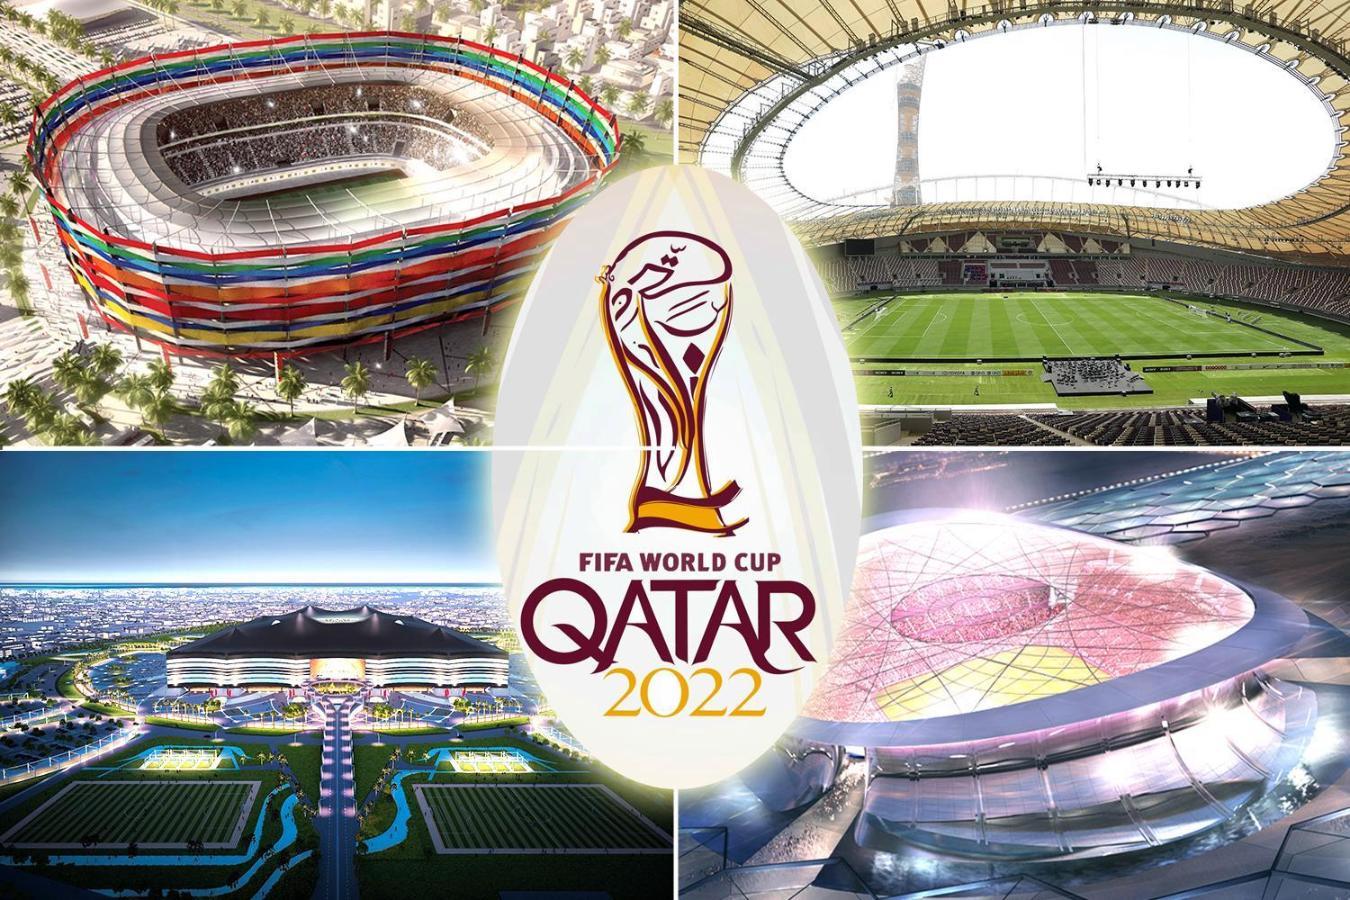 Οριστικά με 32 ομάδες το Μουντιάλ του 2022